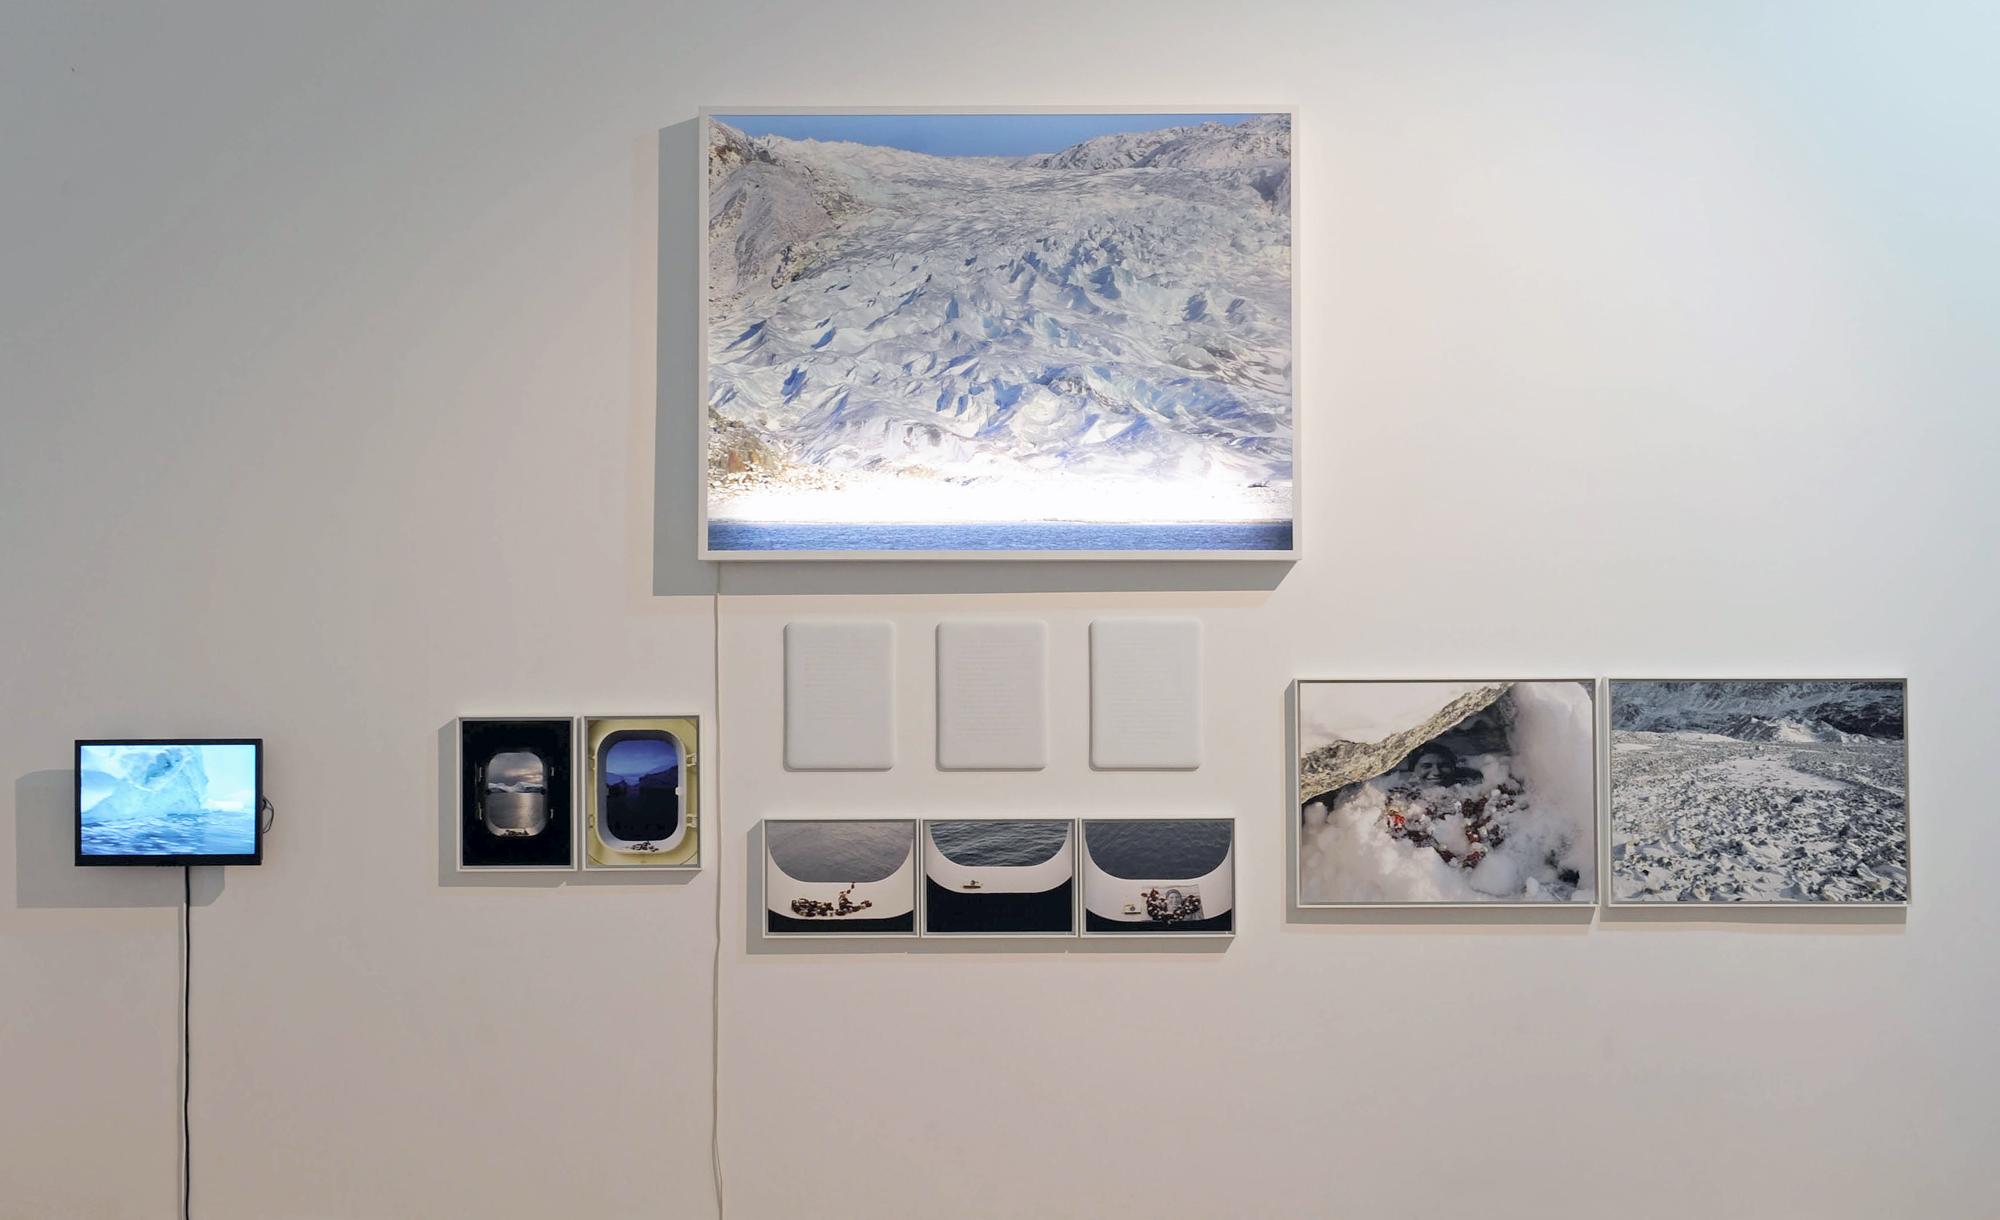 Sophie Calle - Pôle nord ©Musée de Valence, photo Éric Caillet